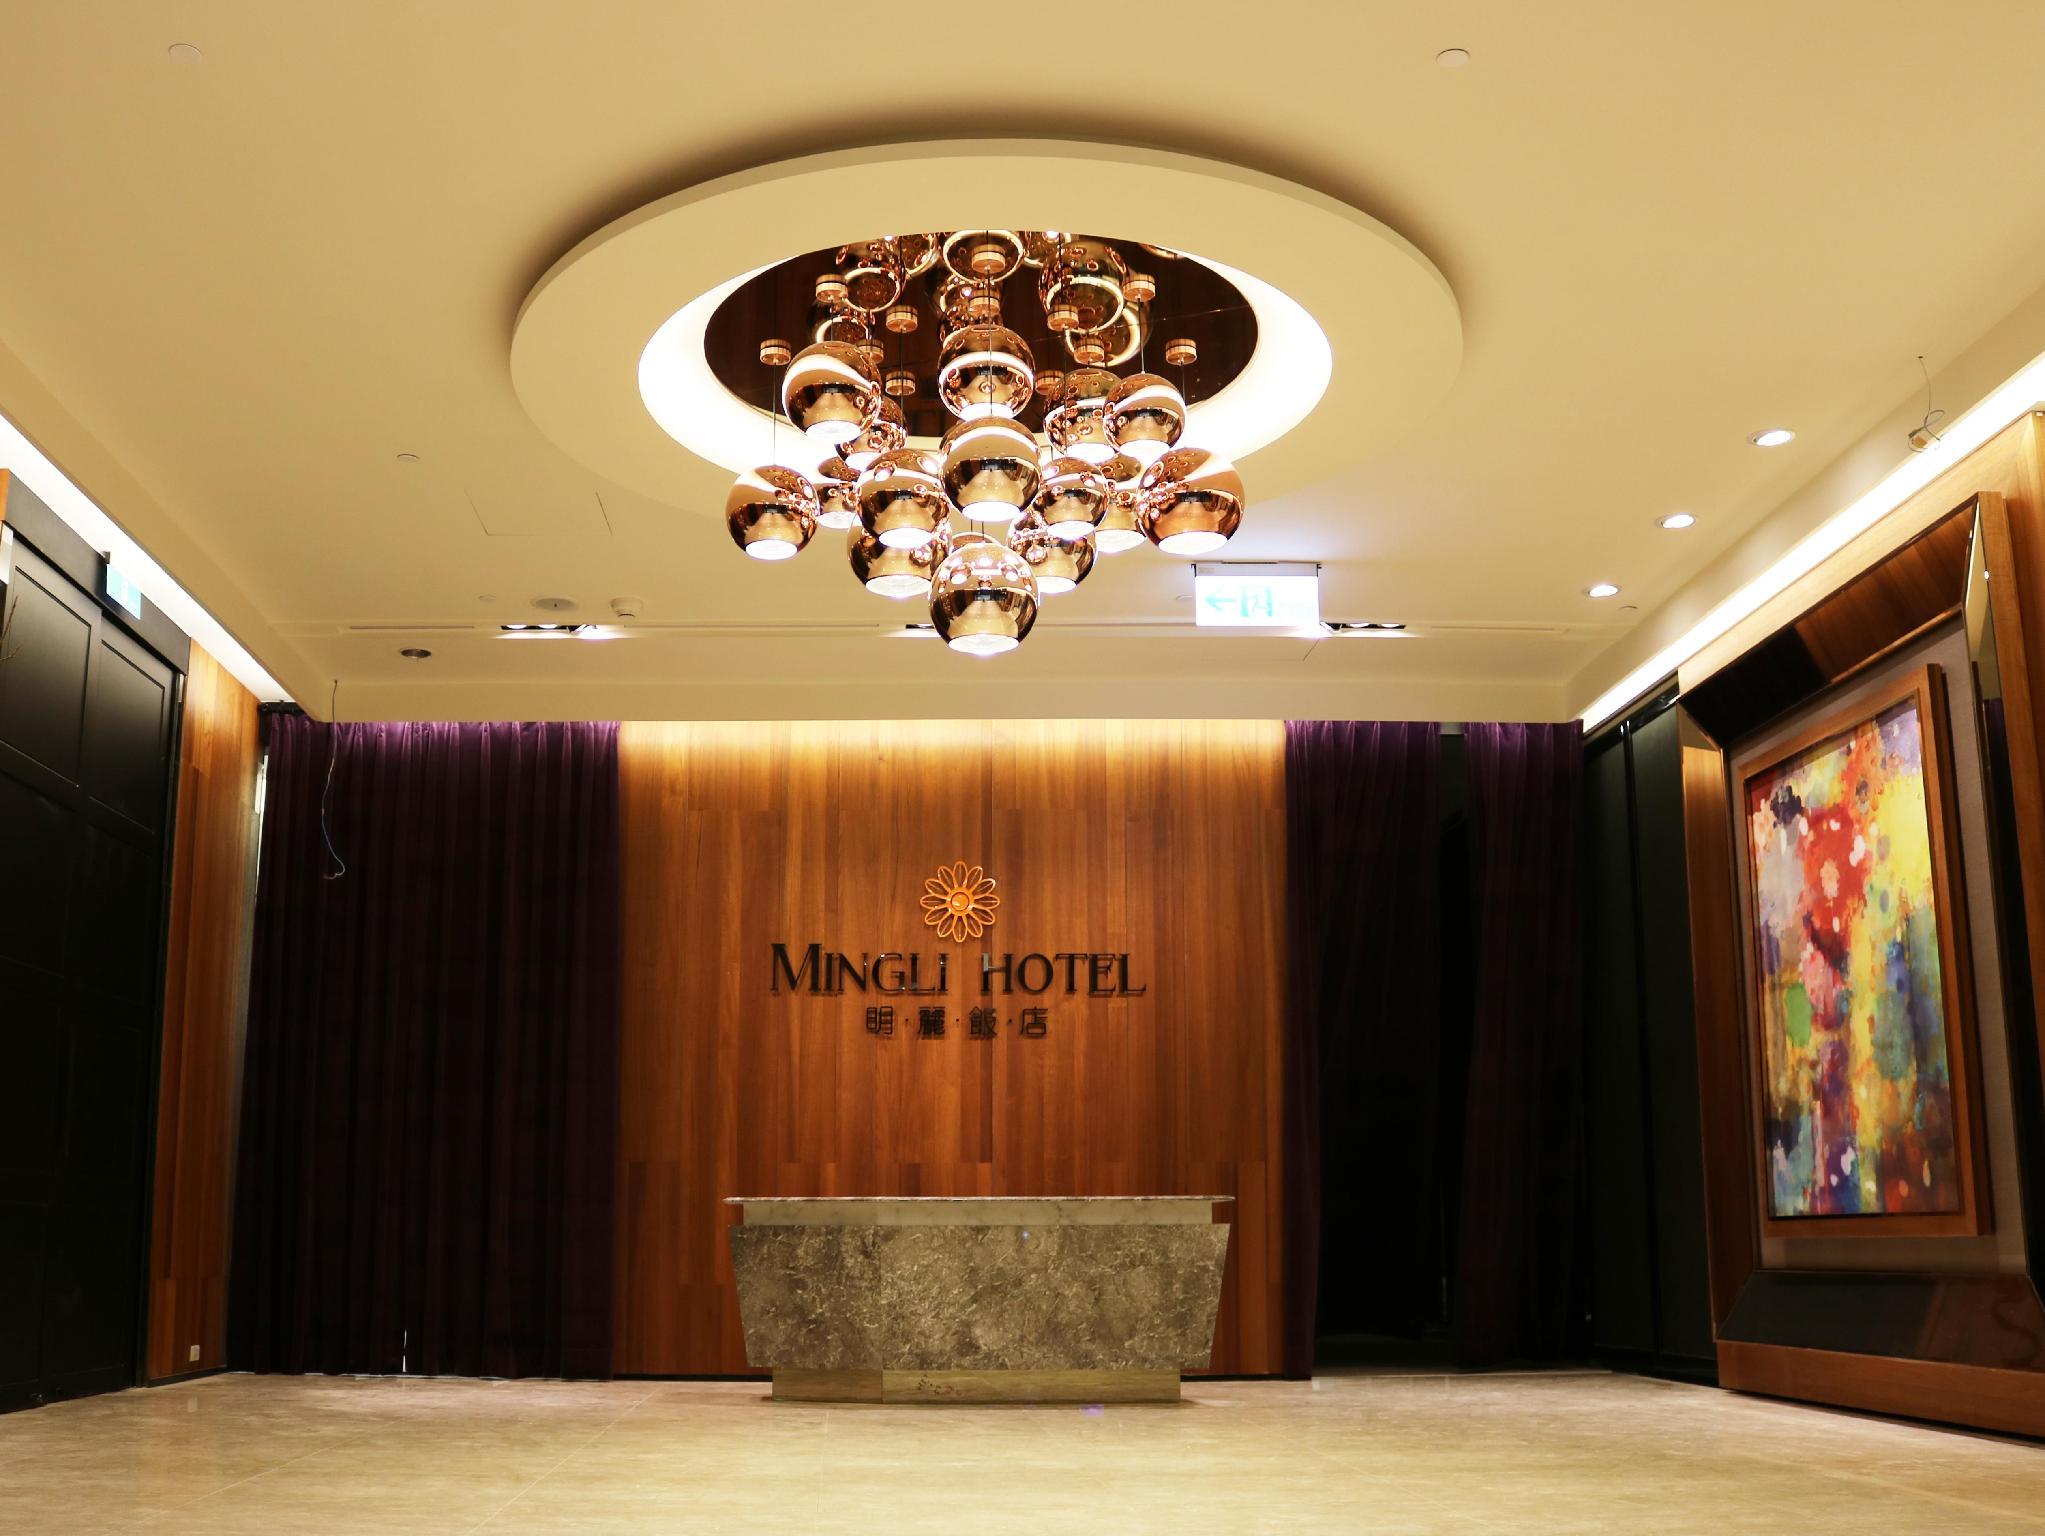 明麗飯店 Mingli Hotel